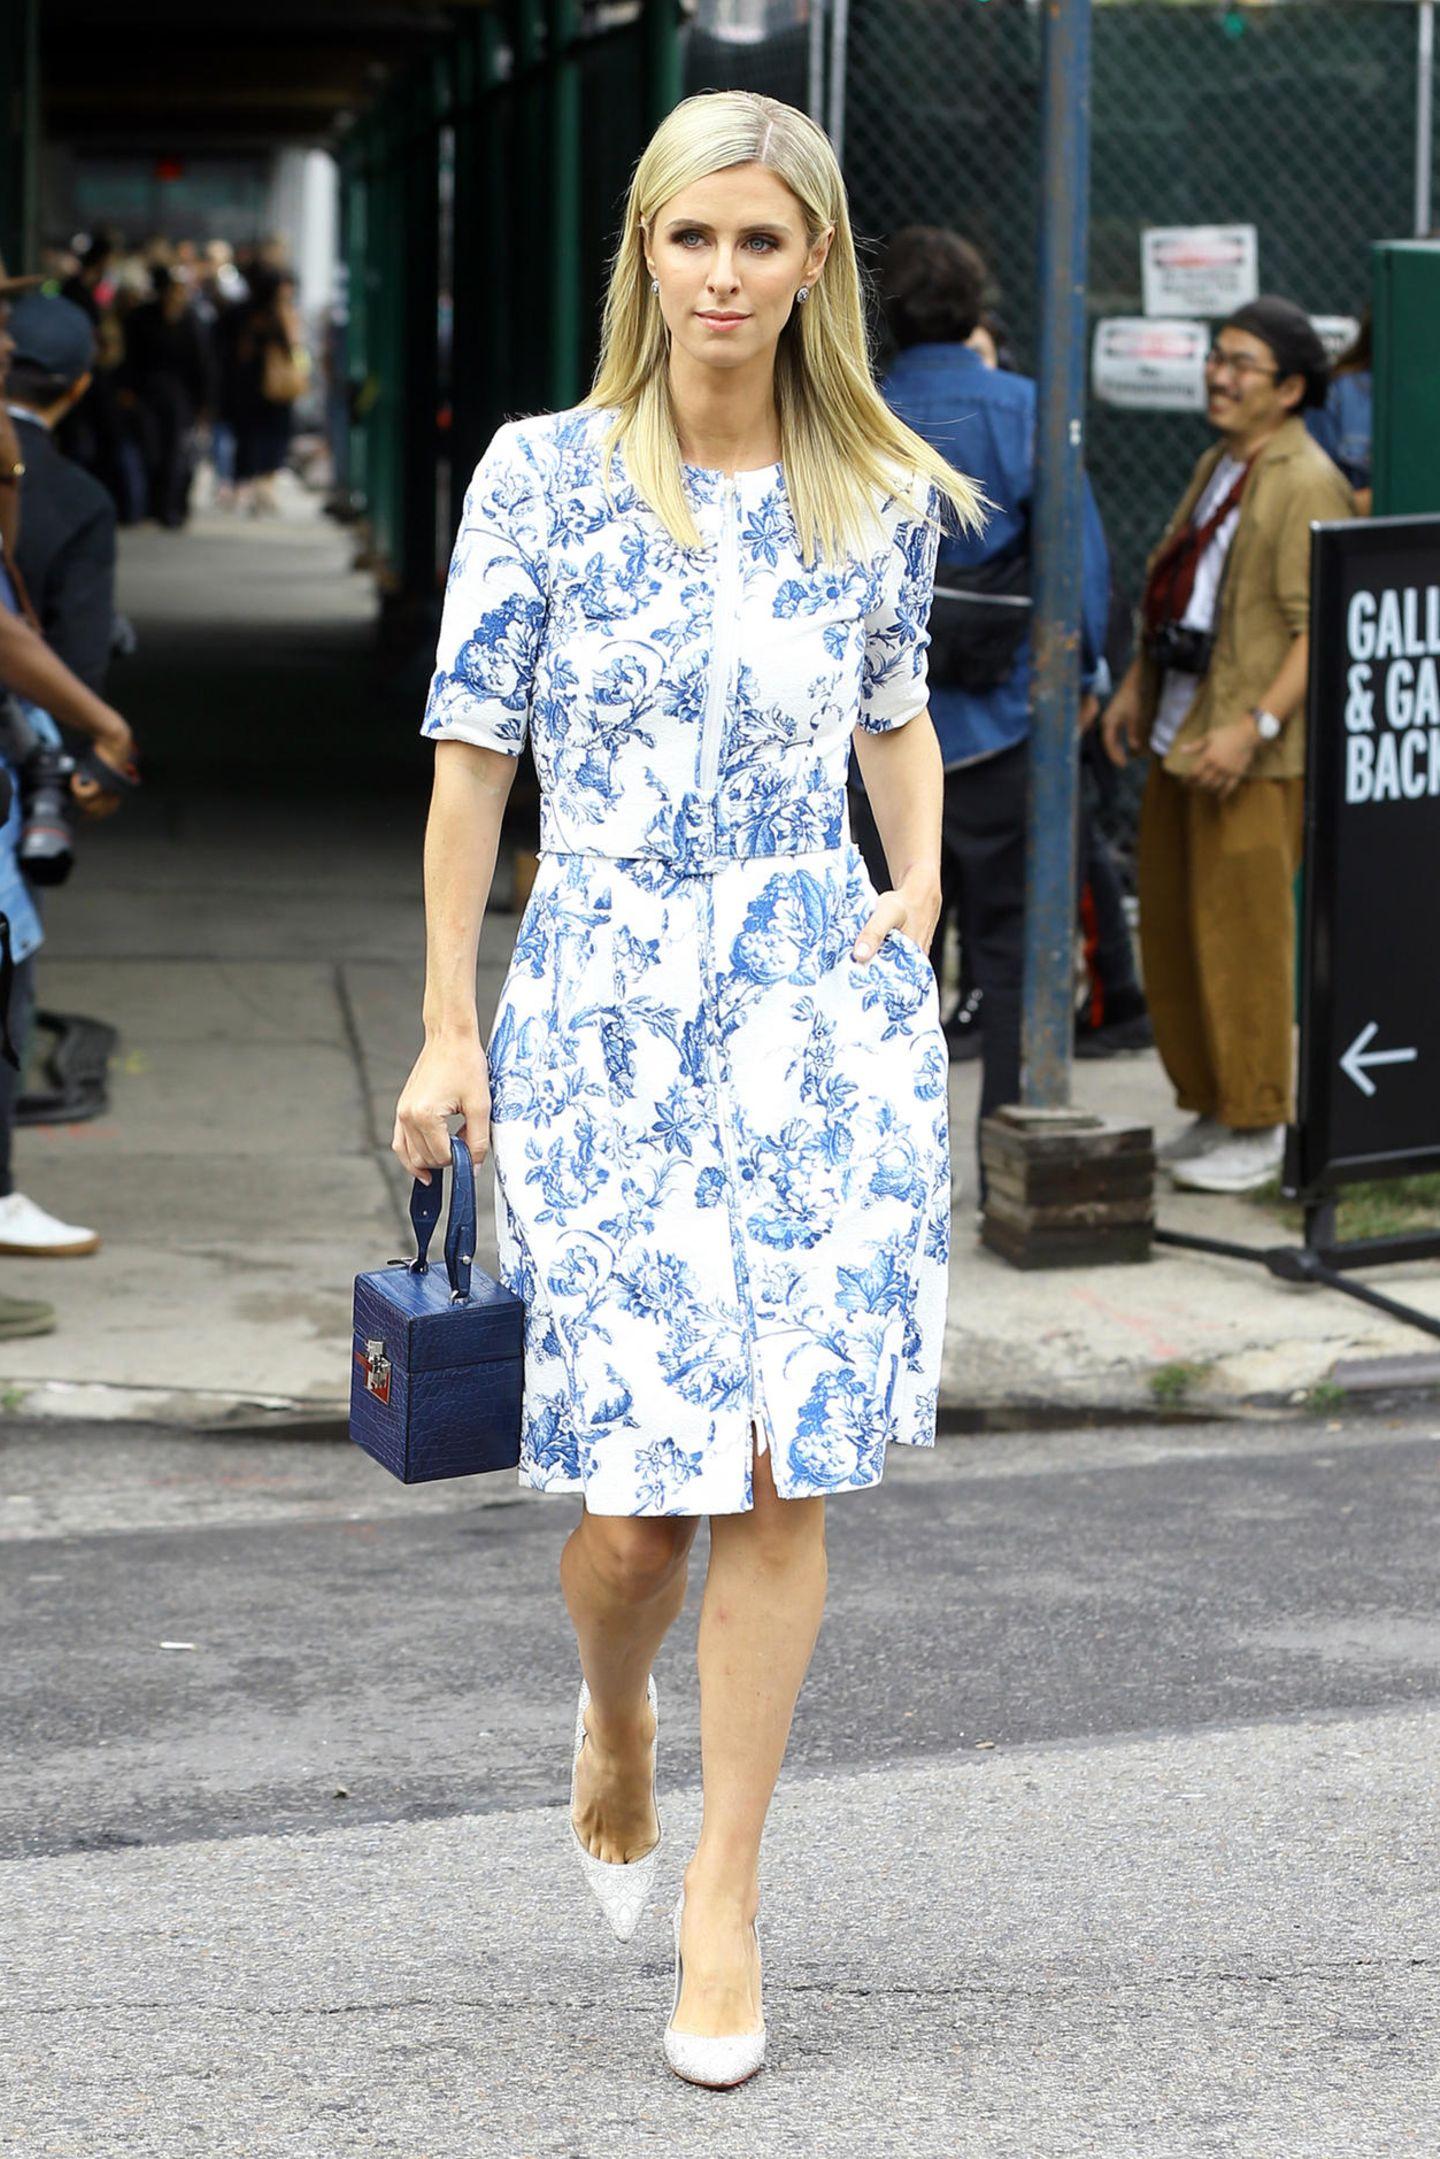 Nicky Hilton auf dem Weg zur Show von Oscar de la Renta im Rahmen der New York Fashion Week. Die schöne Hotelerbin trägt ein Etuikleid des Designers, mit blauem Blumen-Print. Irgendwie kommt uns dieser Style bekannt vor ...